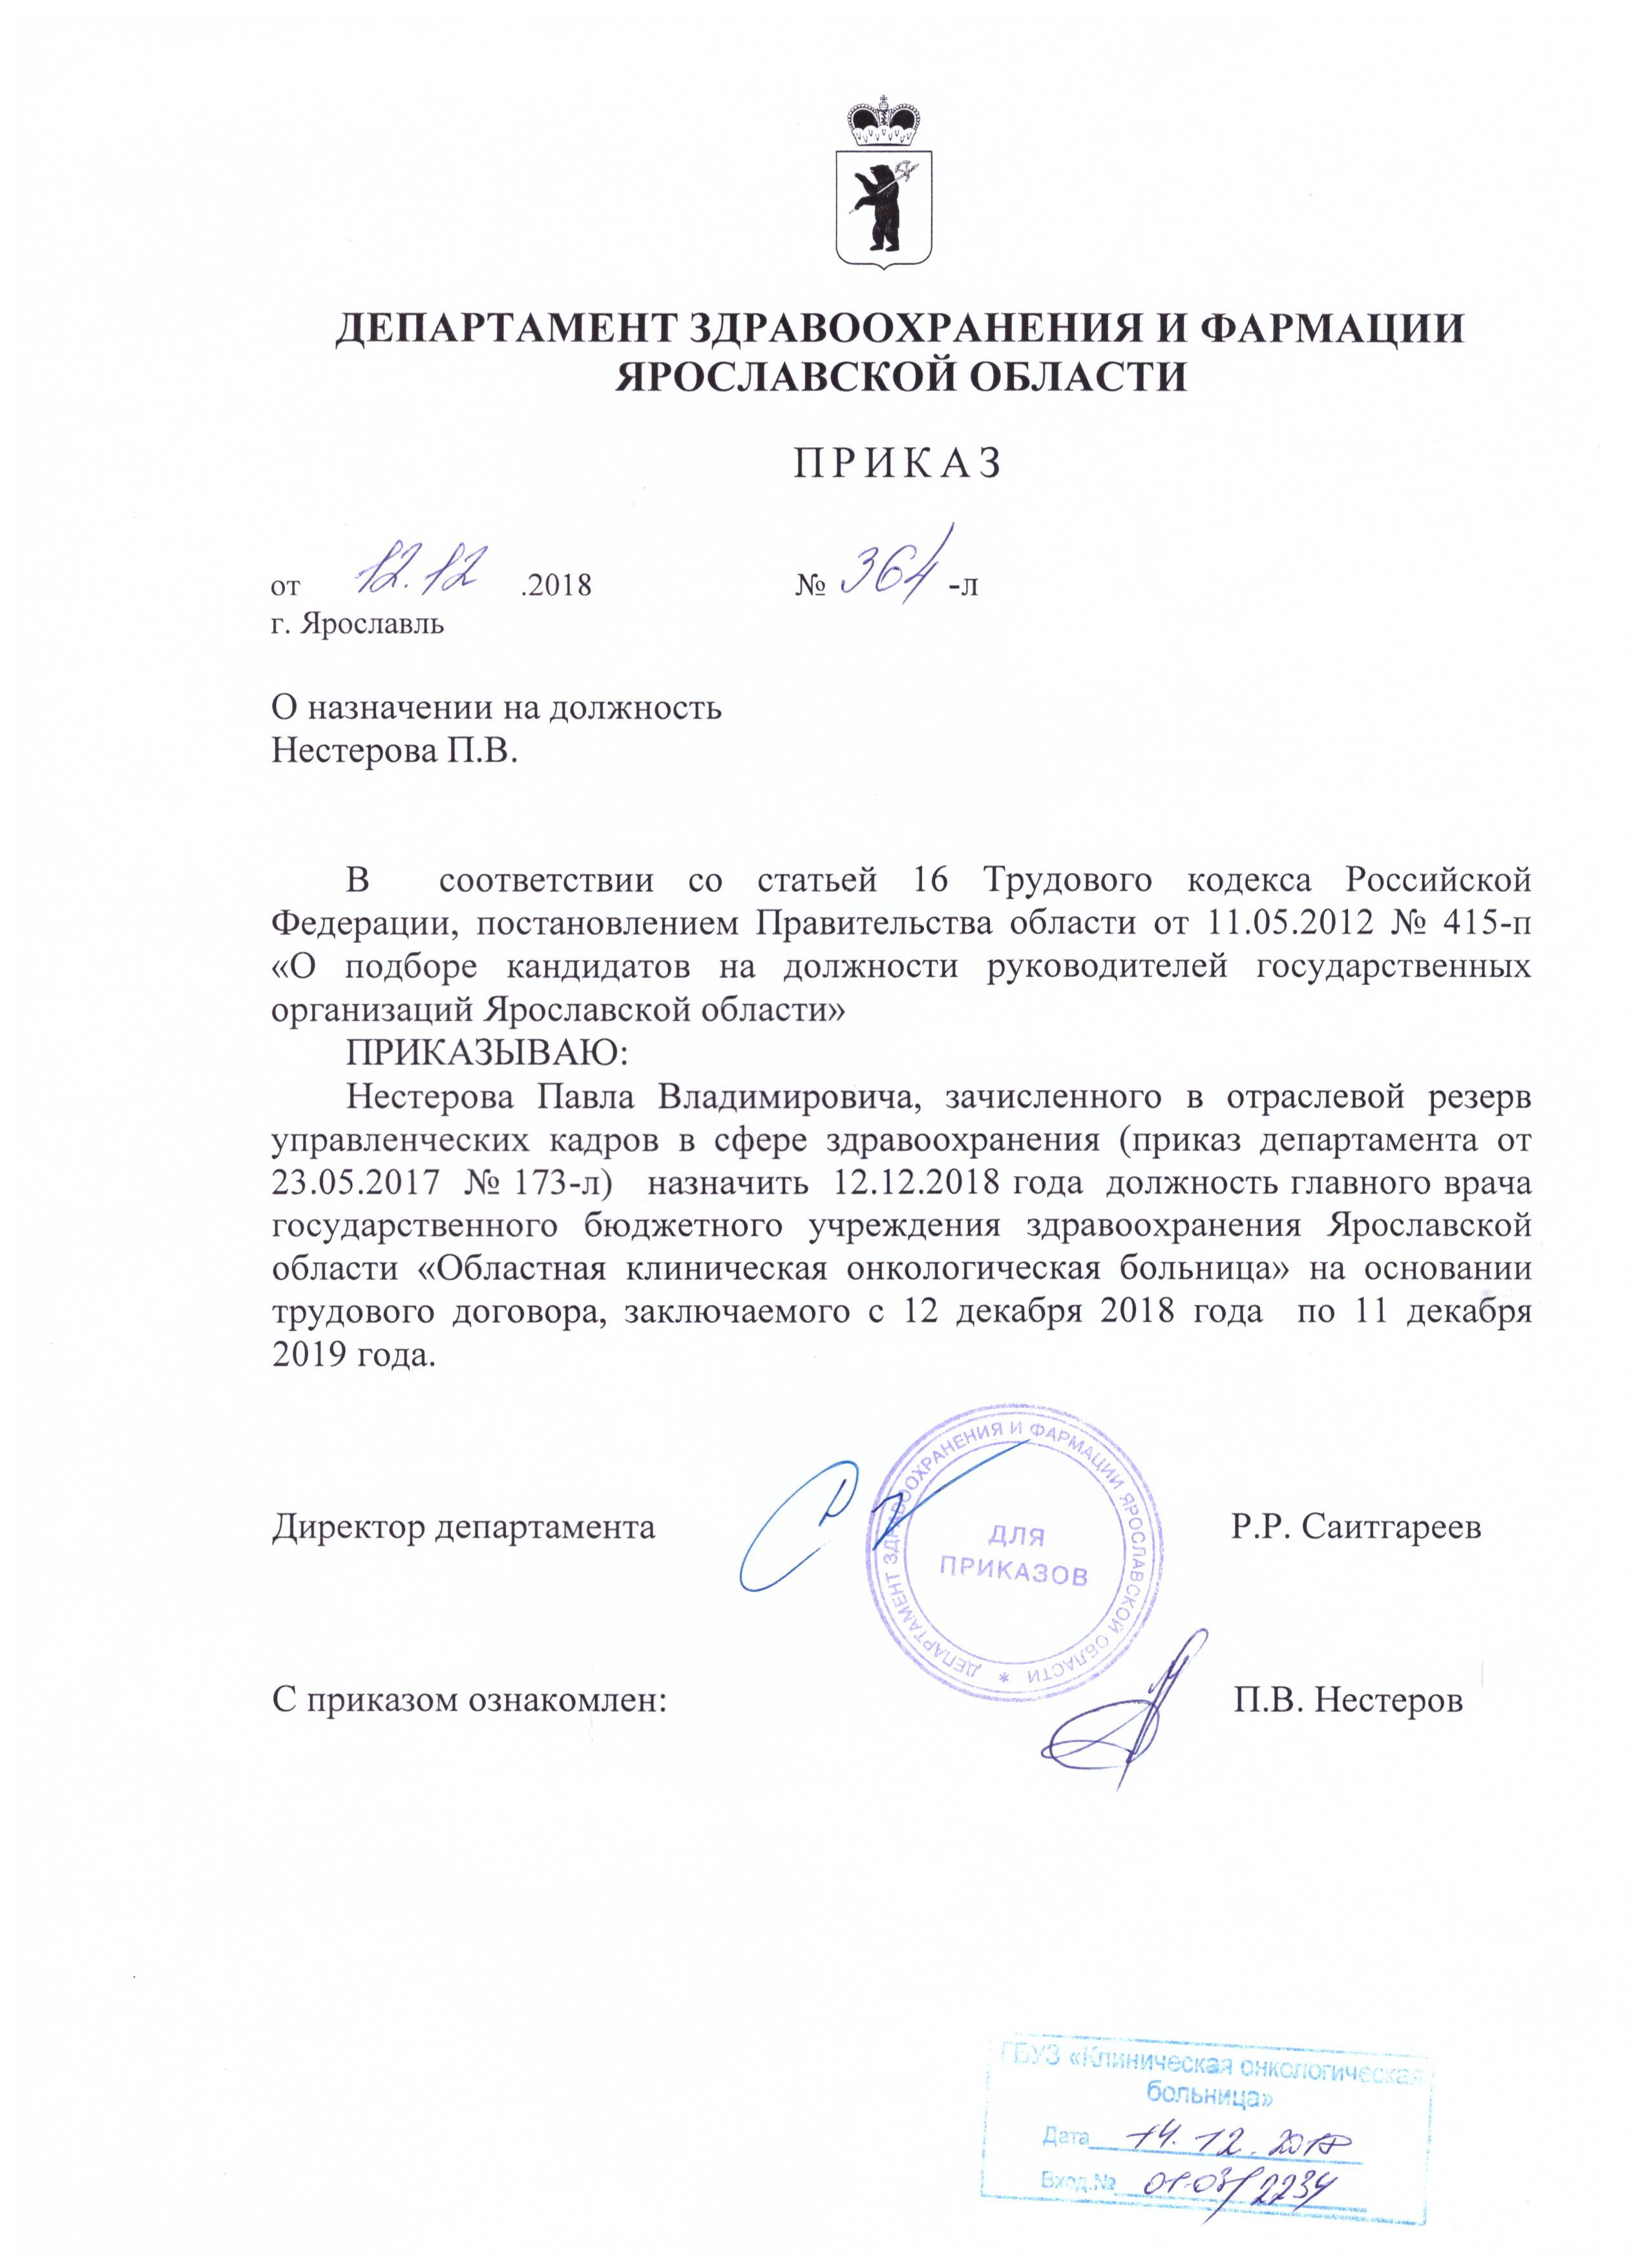 Приках нестеров главный 12122018